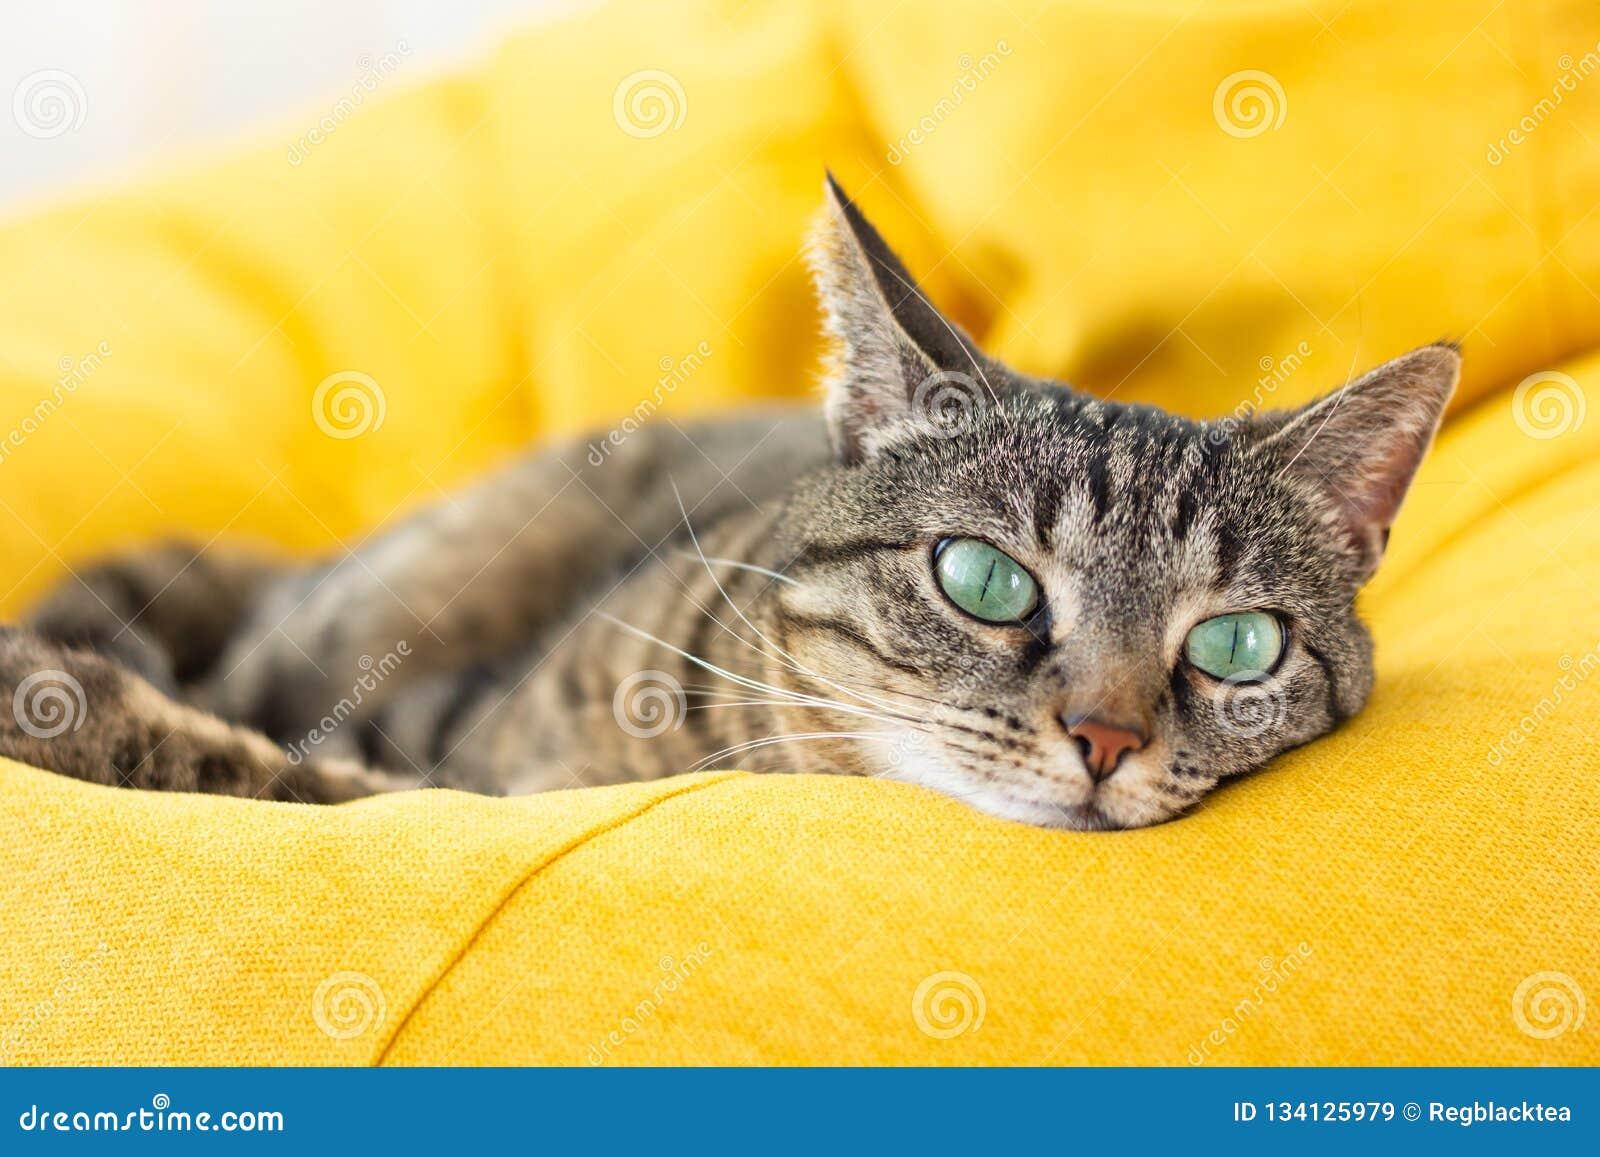 Gato de gato malhado bonito com mentiras dos olhos verdes no saco de feijão amarelo